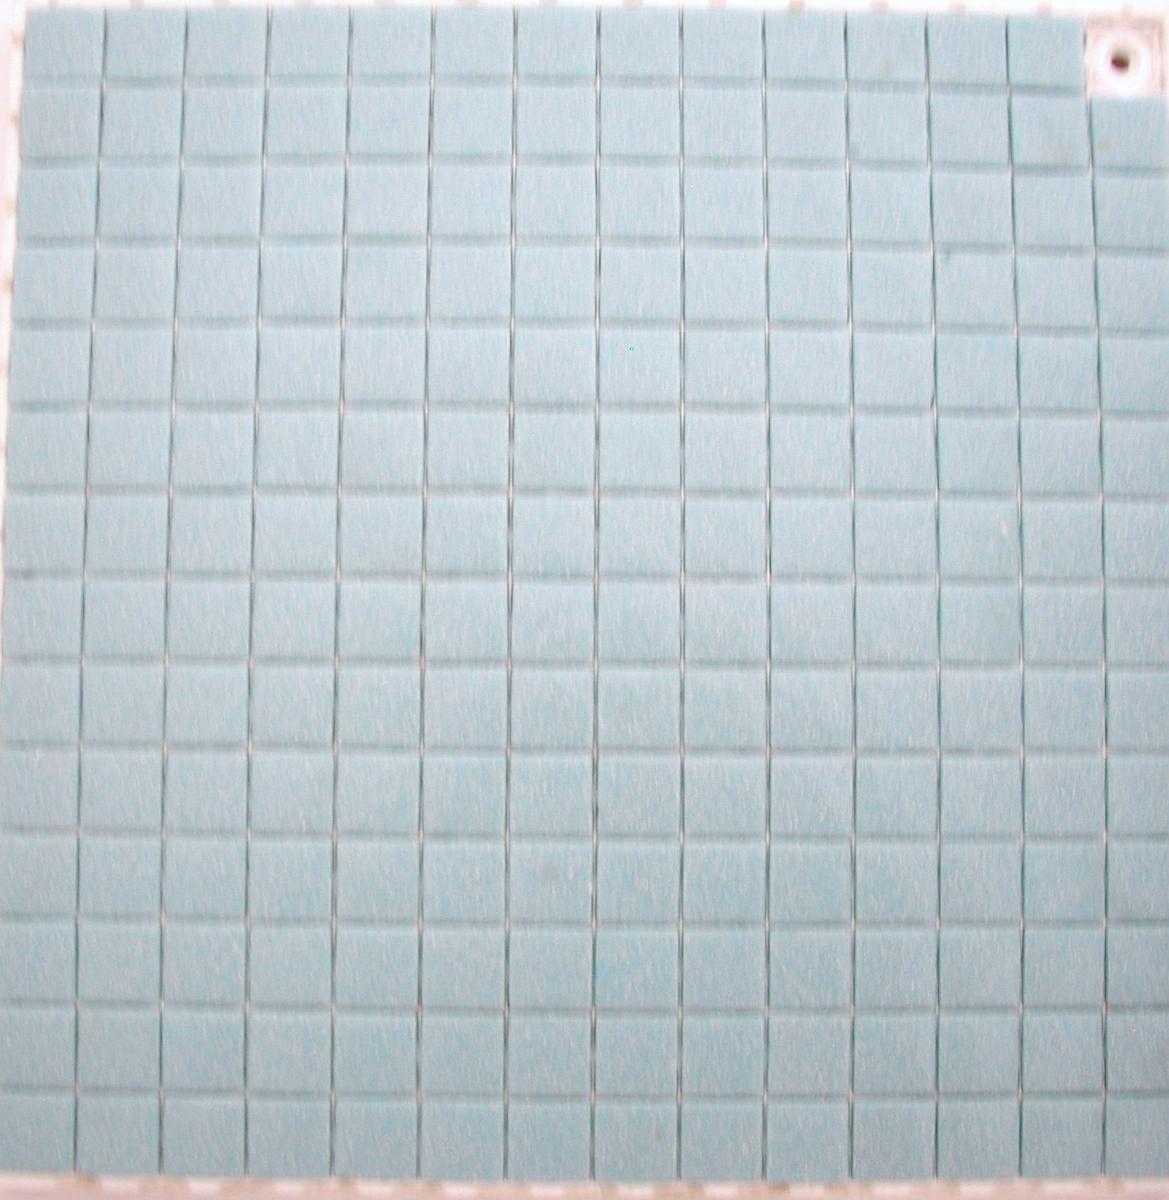 Carrelage Salle De Bain Bleu Turquoise bleu turquoise clair granité 2.4 cm mosaïque émaux en lot de 10 m²